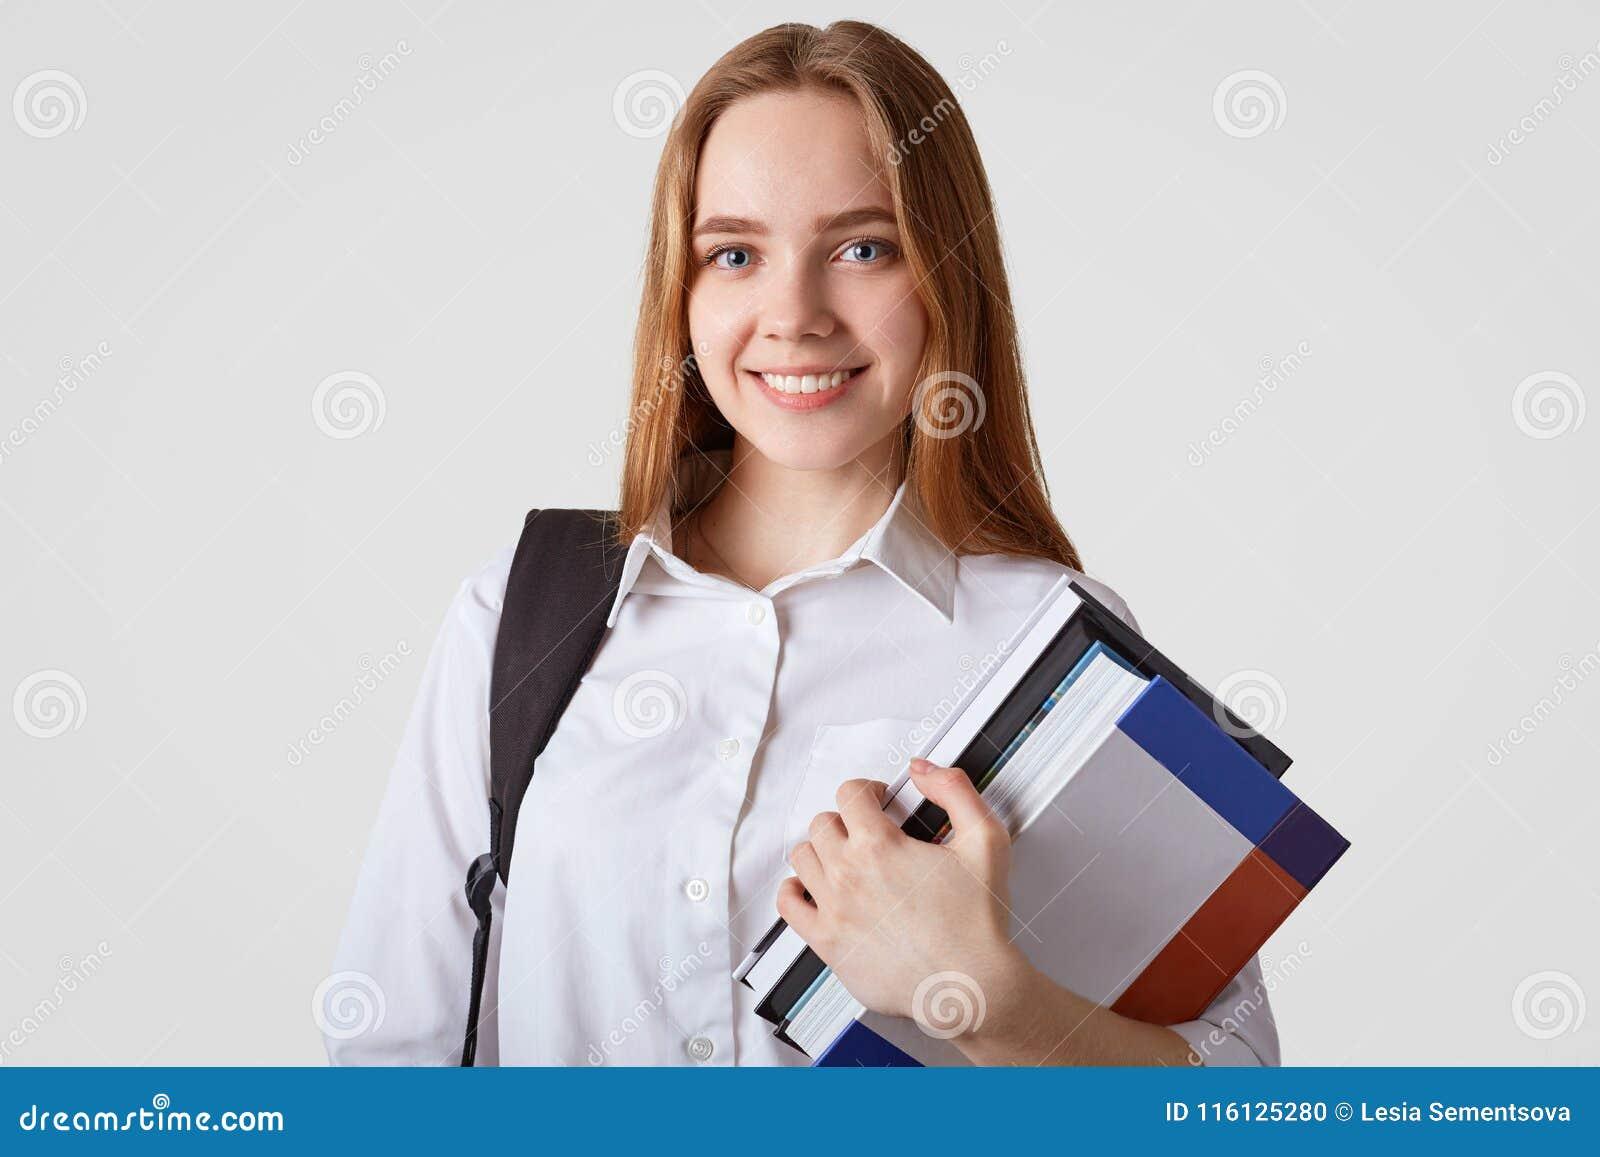 Urocza szkolna dziewczyna z niebieskimi oczami, błyszczy uśmiech, jest ubranym elegancką białą koszula, niesie książki i plecak,